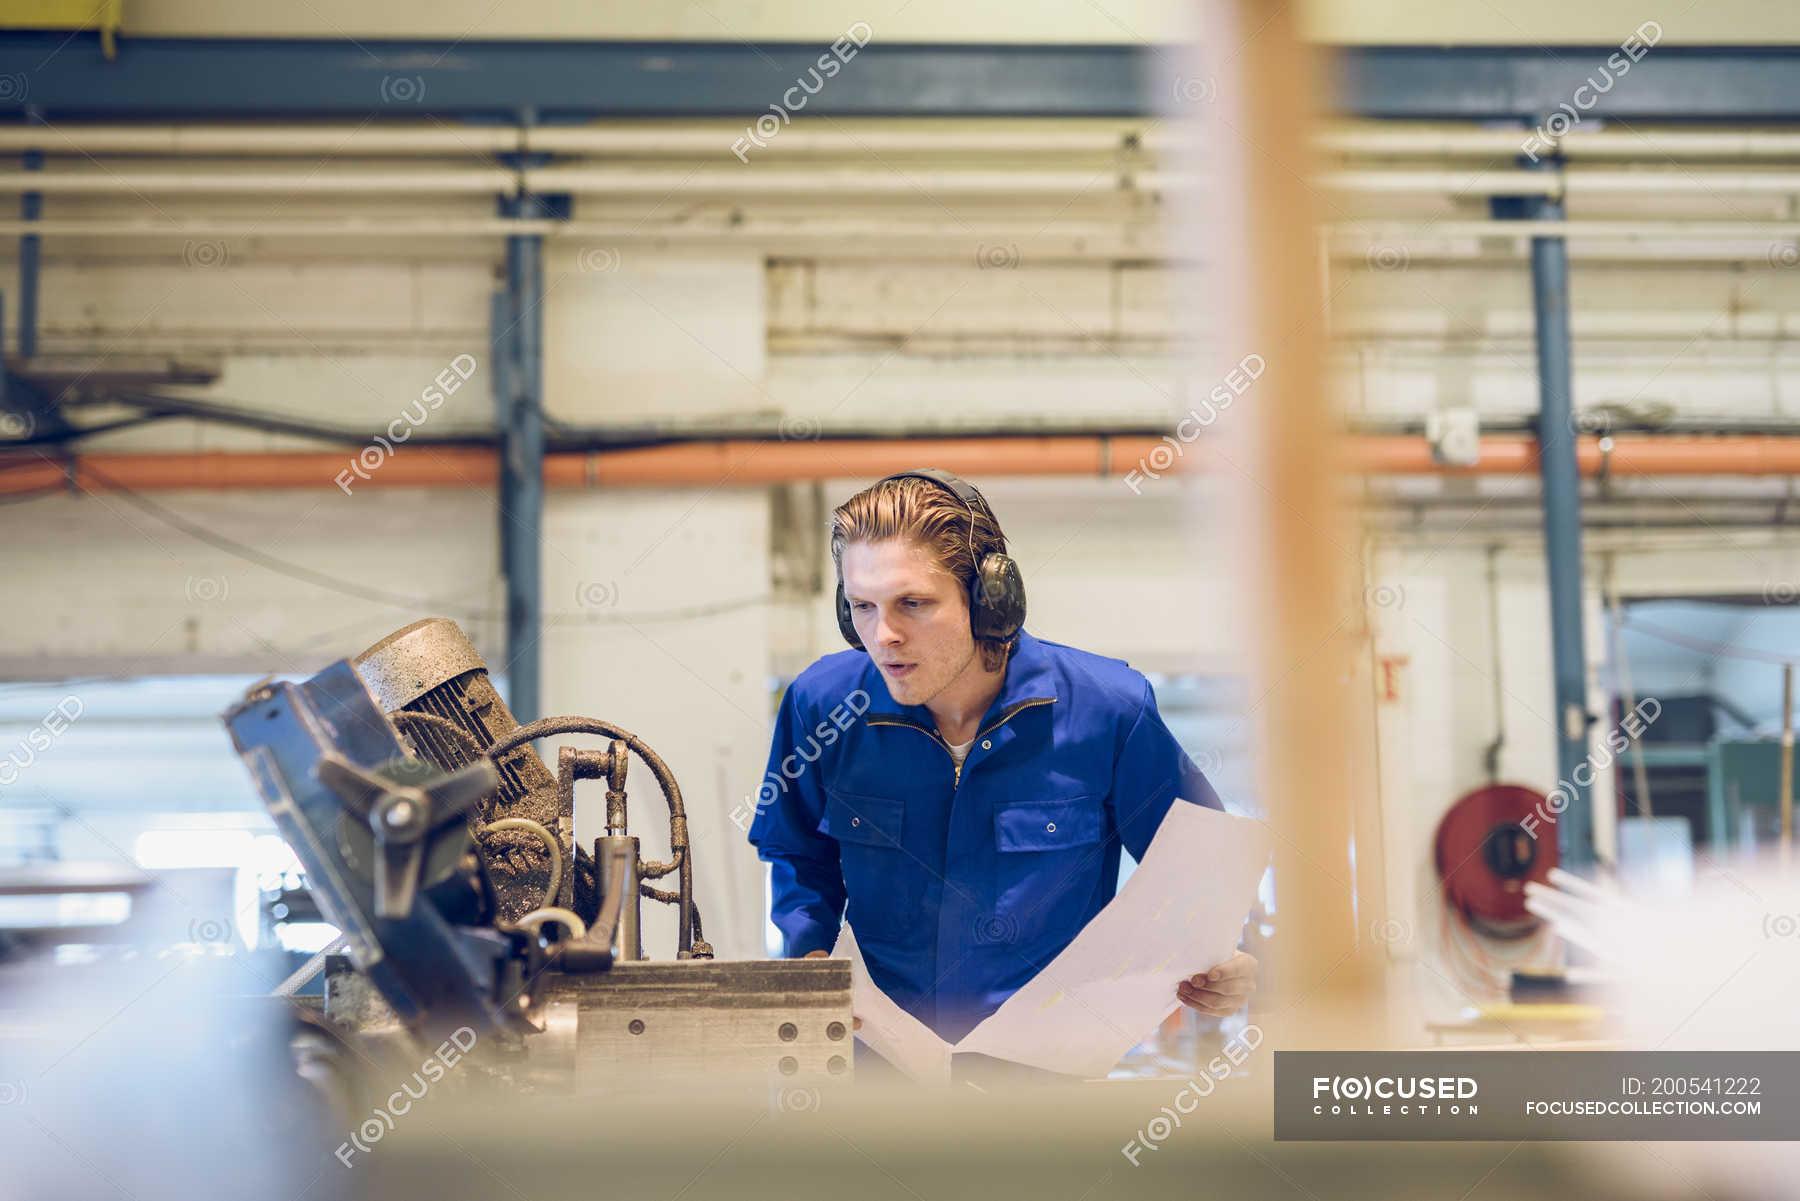 тебе фото сотрудников фабрики ник фото качели бруса